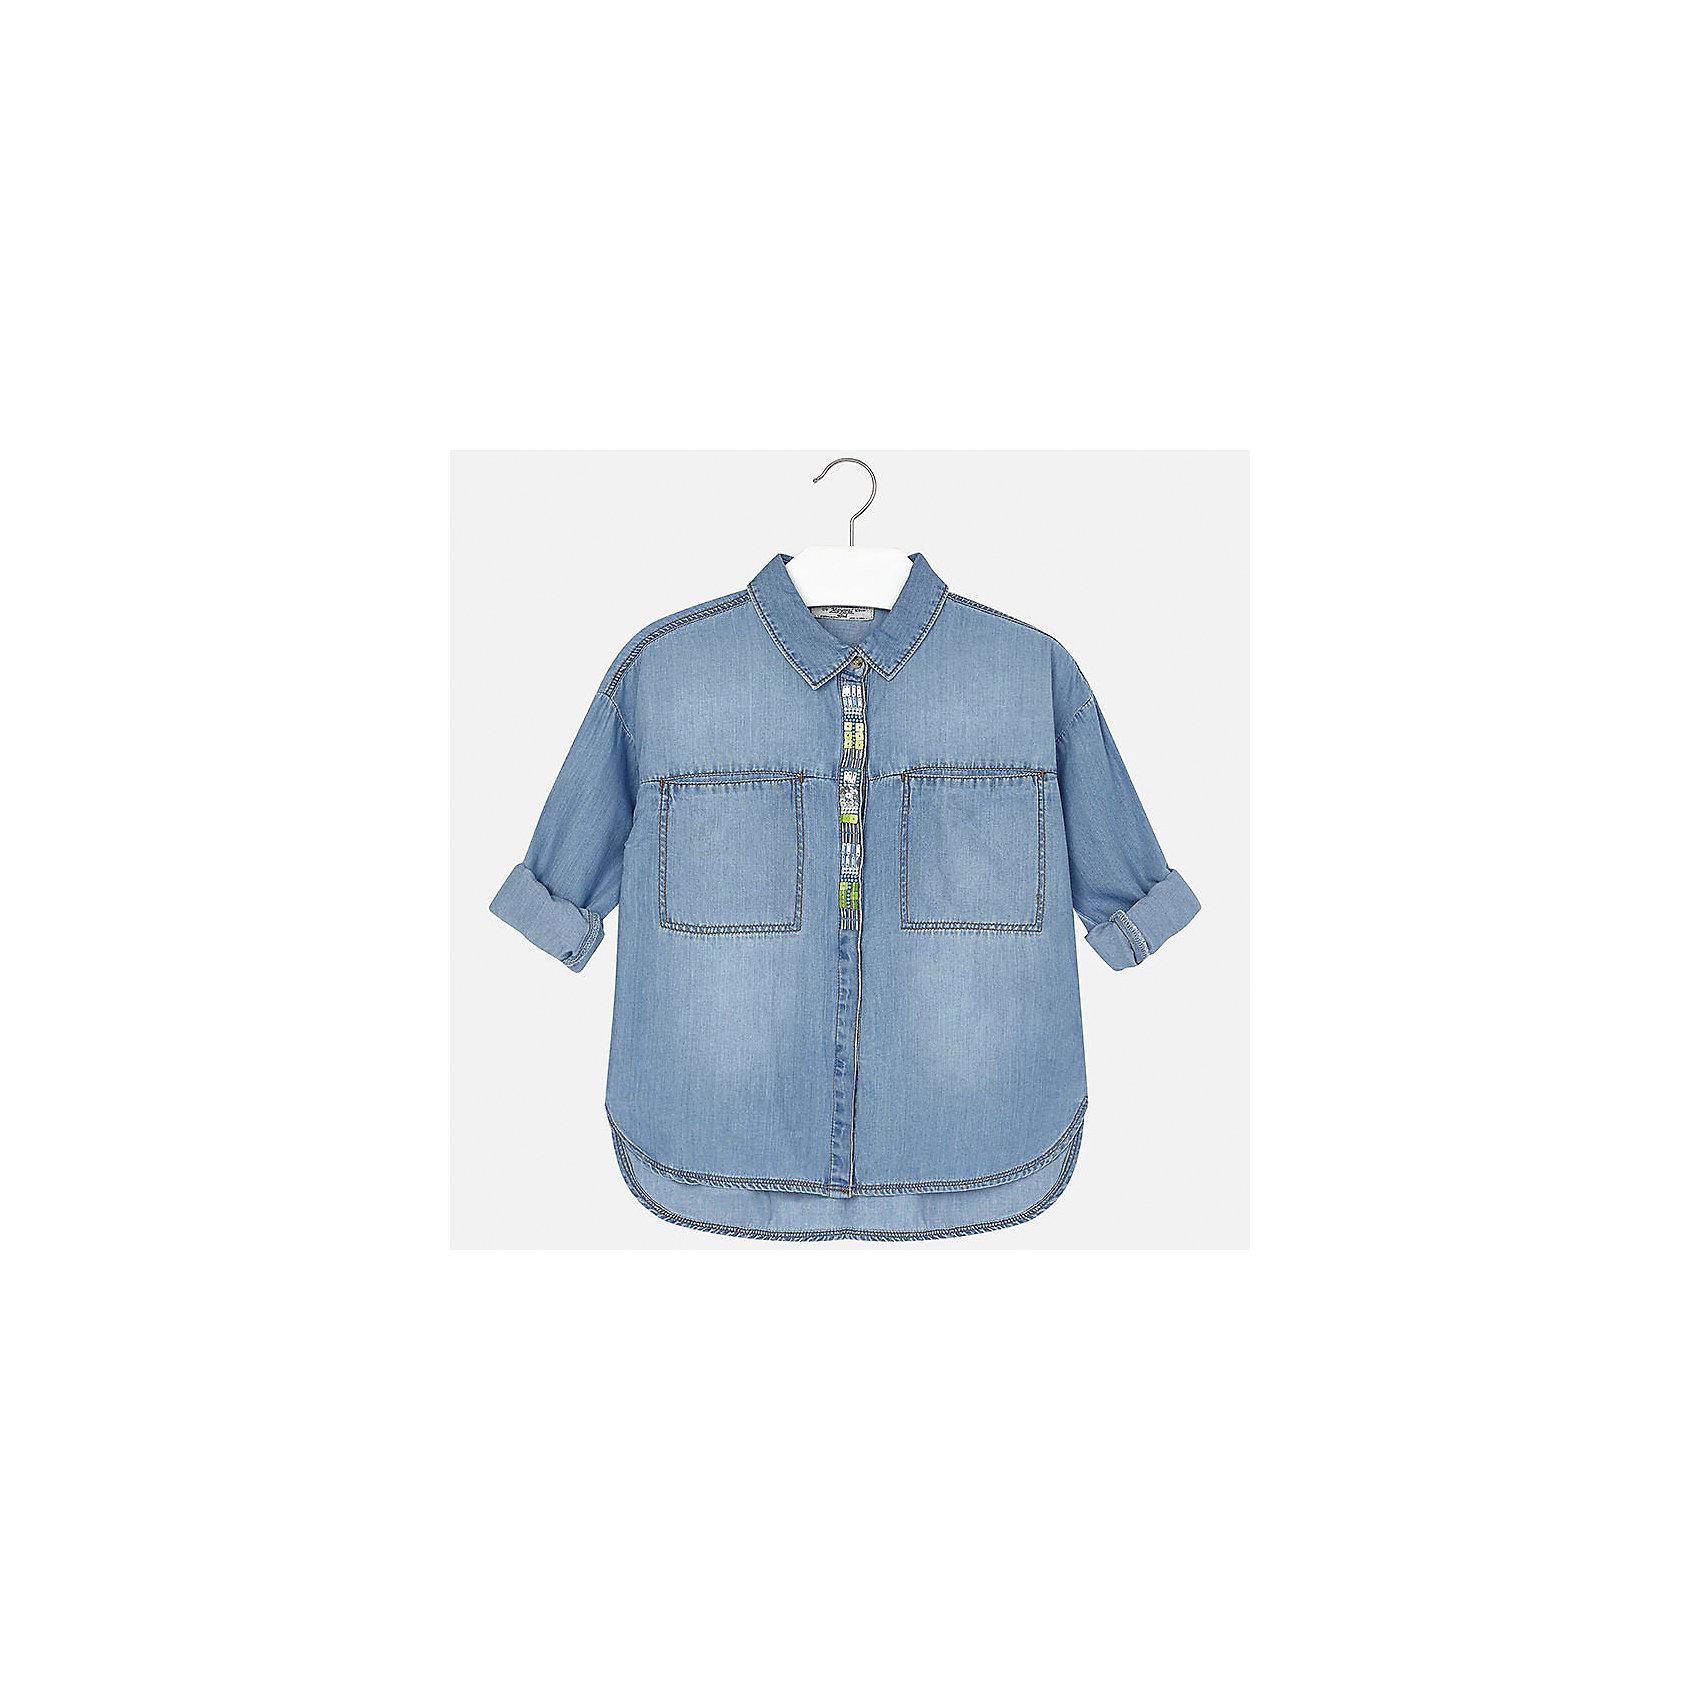 Блузка джинсовая для девочки MayoralДжинсовая одежда<br>Характеристики товара:<br><br>• цвет: голубой<br>• состав: 65% хлопок, 35% лиоцелл<br>• легкий материал<br>• пайетки и бисер на планке<br>• карманы<br>• отложной воротник<br>• рукава с отворотами<br>• страна бренда: Испания<br><br>Модная легкая блузка для девочки поможет разнообразить гардероб ребенка и украсить наряд. Она отлично сочетается и с юбками, и с шортами, и с брюками. Универсальный цвет позволяет подобрать к вещи низ практически любой расцветки. Интересный крой модели делает её нарядной и оригинальной. В составе материала - натуральный хлопок, гипоаллергенный, приятный на ощупь, дышащий.<br><br>Одежда, обувь и аксессуары от испанского бренда Mayoral полюбились детям и взрослым по всему миру. Модели этой марки - стильные и удобные. Для их производства используются только безопасные, качественные материалы и фурнитура. Порадуйте ребенка модными и красивыми вещами от Mayoral! <br><br>Блузку для девочки от испанского бренда Mayoral (Майорал) можно купить в нашем интернет-магазине.<br><br>Ширина мм: 186<br>Глубина мм: 87<br>Высота мм: 198<br>Вес г: 197<br>Цвет: синий<br>Возраст от месяцев: 84<br>Возраст до месяцев: 96<br>Пол: Женский<br>Возраст: Детский<br>Размер: 128/134,170,164,158,152,140<br>SKU: 5292624